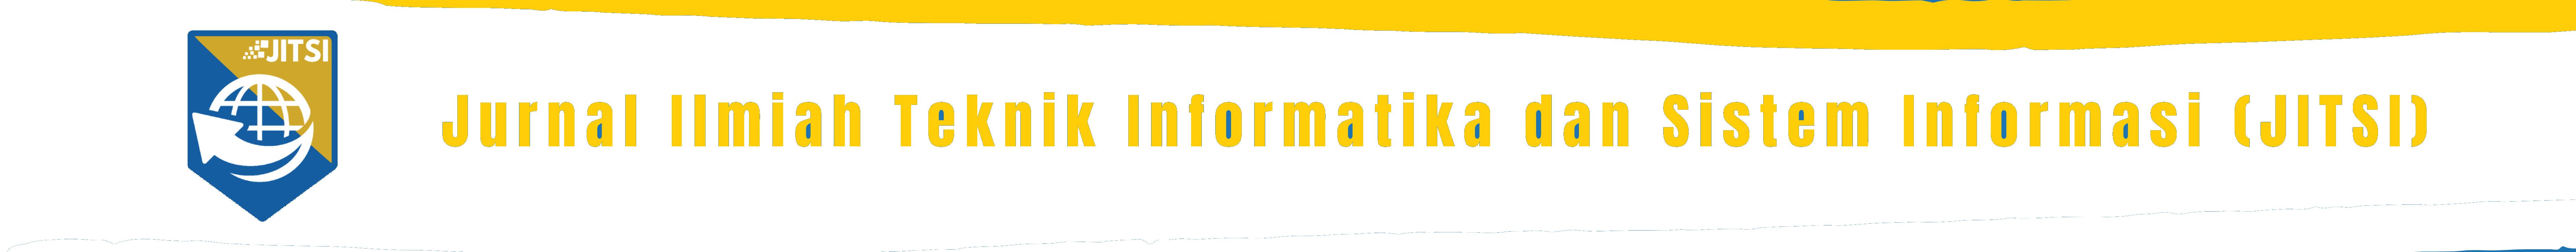 Jurnal Ilmiah Teknik Informatika dan Sistem Informasi (JITSI)